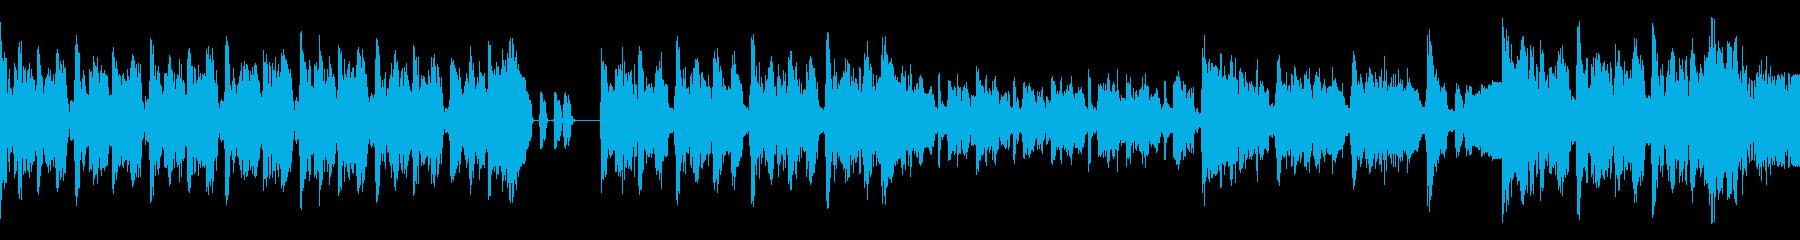 アプリやゲーム用途のハイテンポ短尺楽曲の再生済みの波形